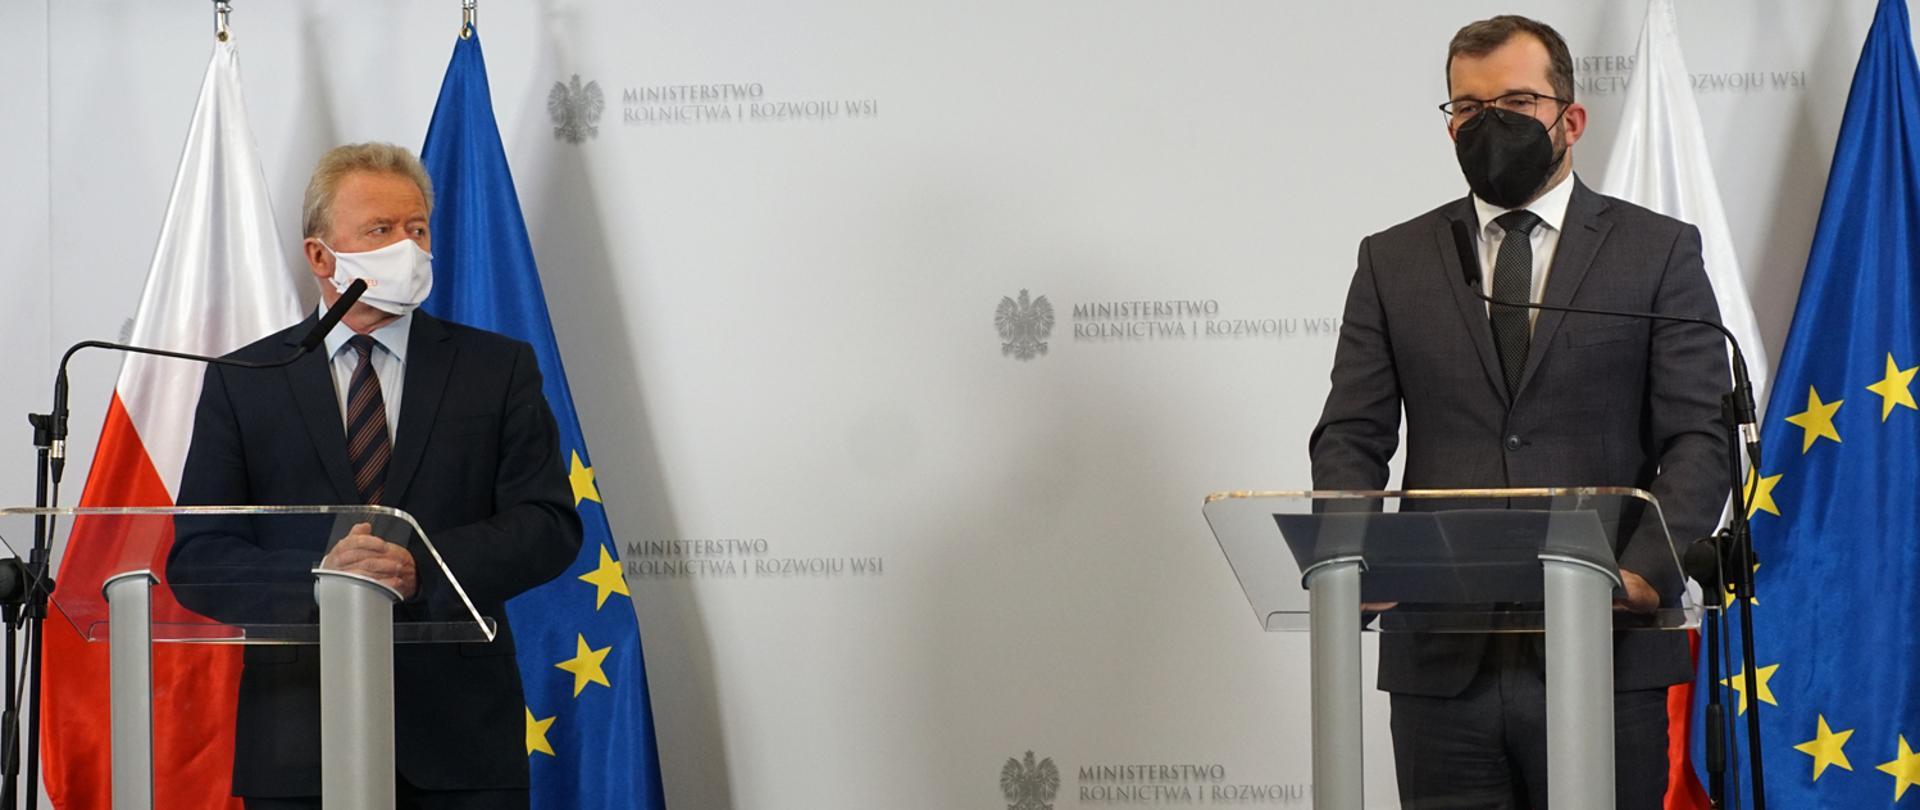 Komisja Europejska daje zielone światło do zielonej reformy rolnictwa polskiego